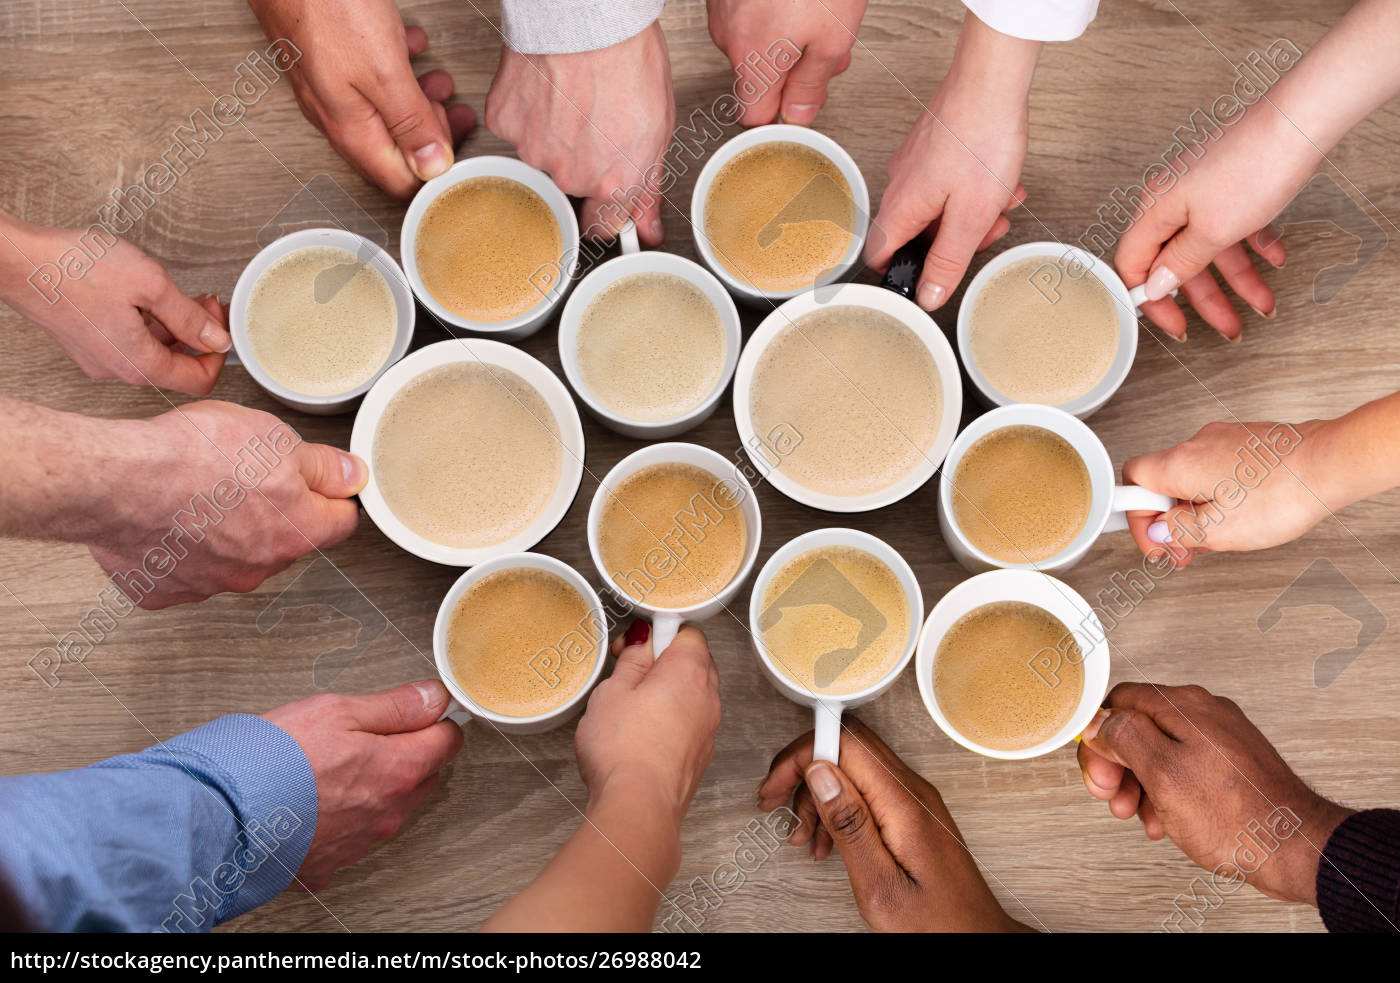 grupa, osób, posiadających, filiżanki, do, kawy - 26988042